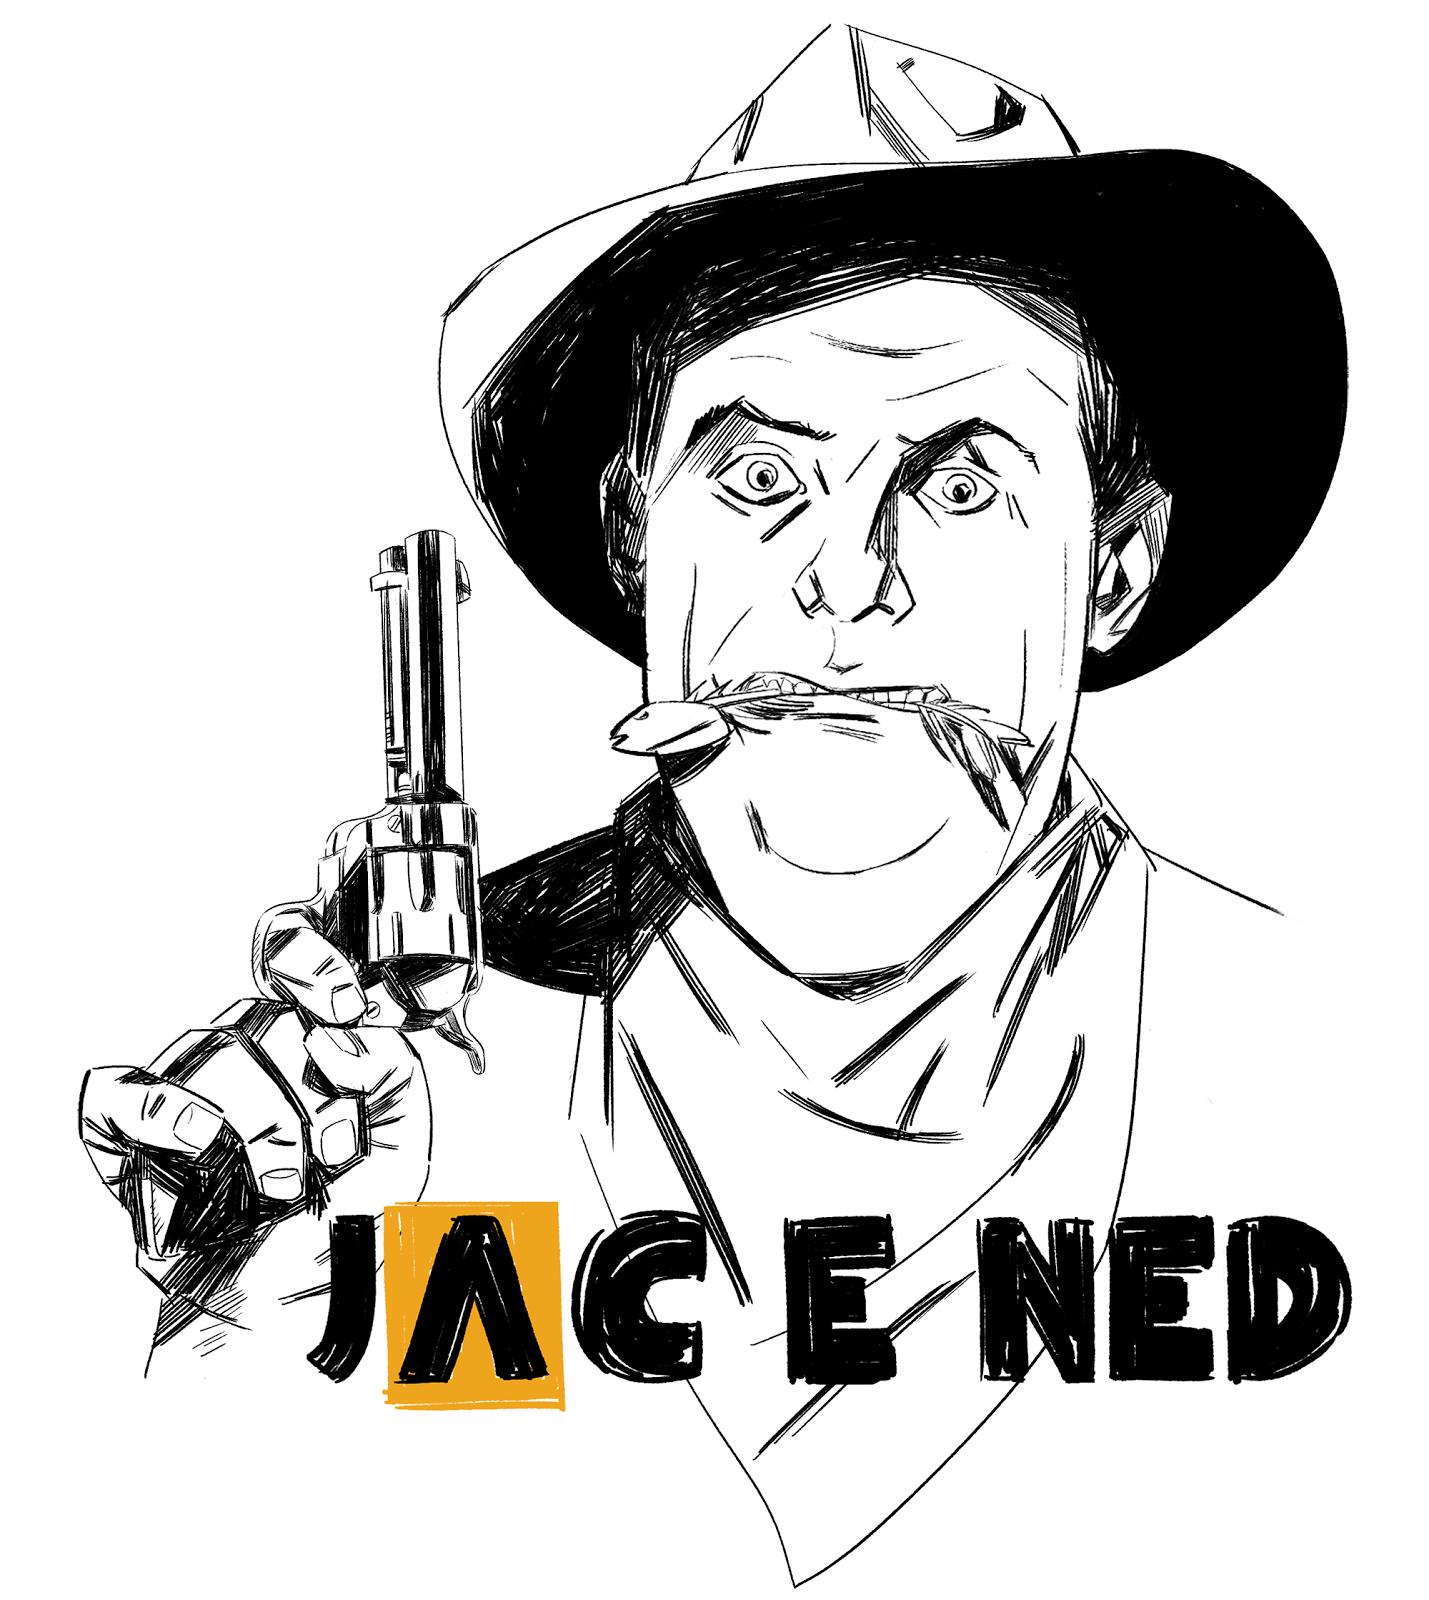 Gli ultimi anni di Jacovitti raccontati attraverso ricordi e disegni inediti...